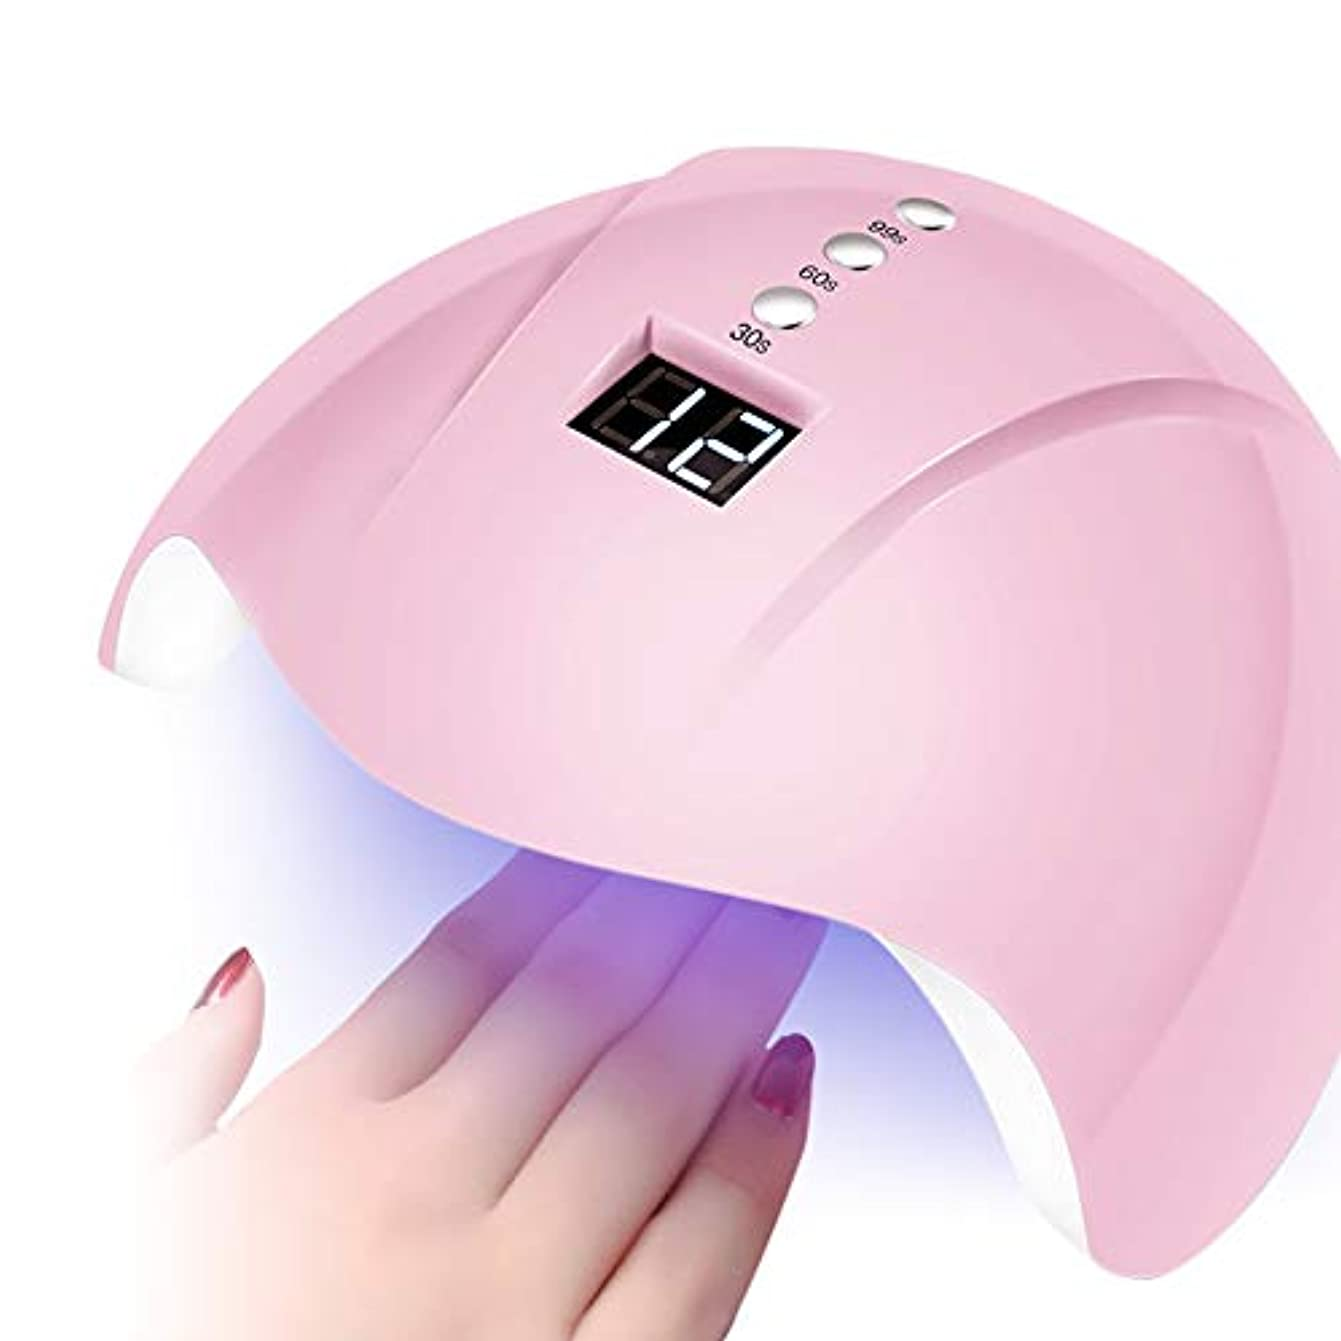 パラメータ騒乱クライストチャーチ2019最新版 LEDネイルドライヤー UVライト 36W LED硬化ライト 自動センサー 3段階タイマー設定 12LED 高速硬化ジェルネイルライトUVとLEDダブルライト ジェルネイル用 (ピンク)